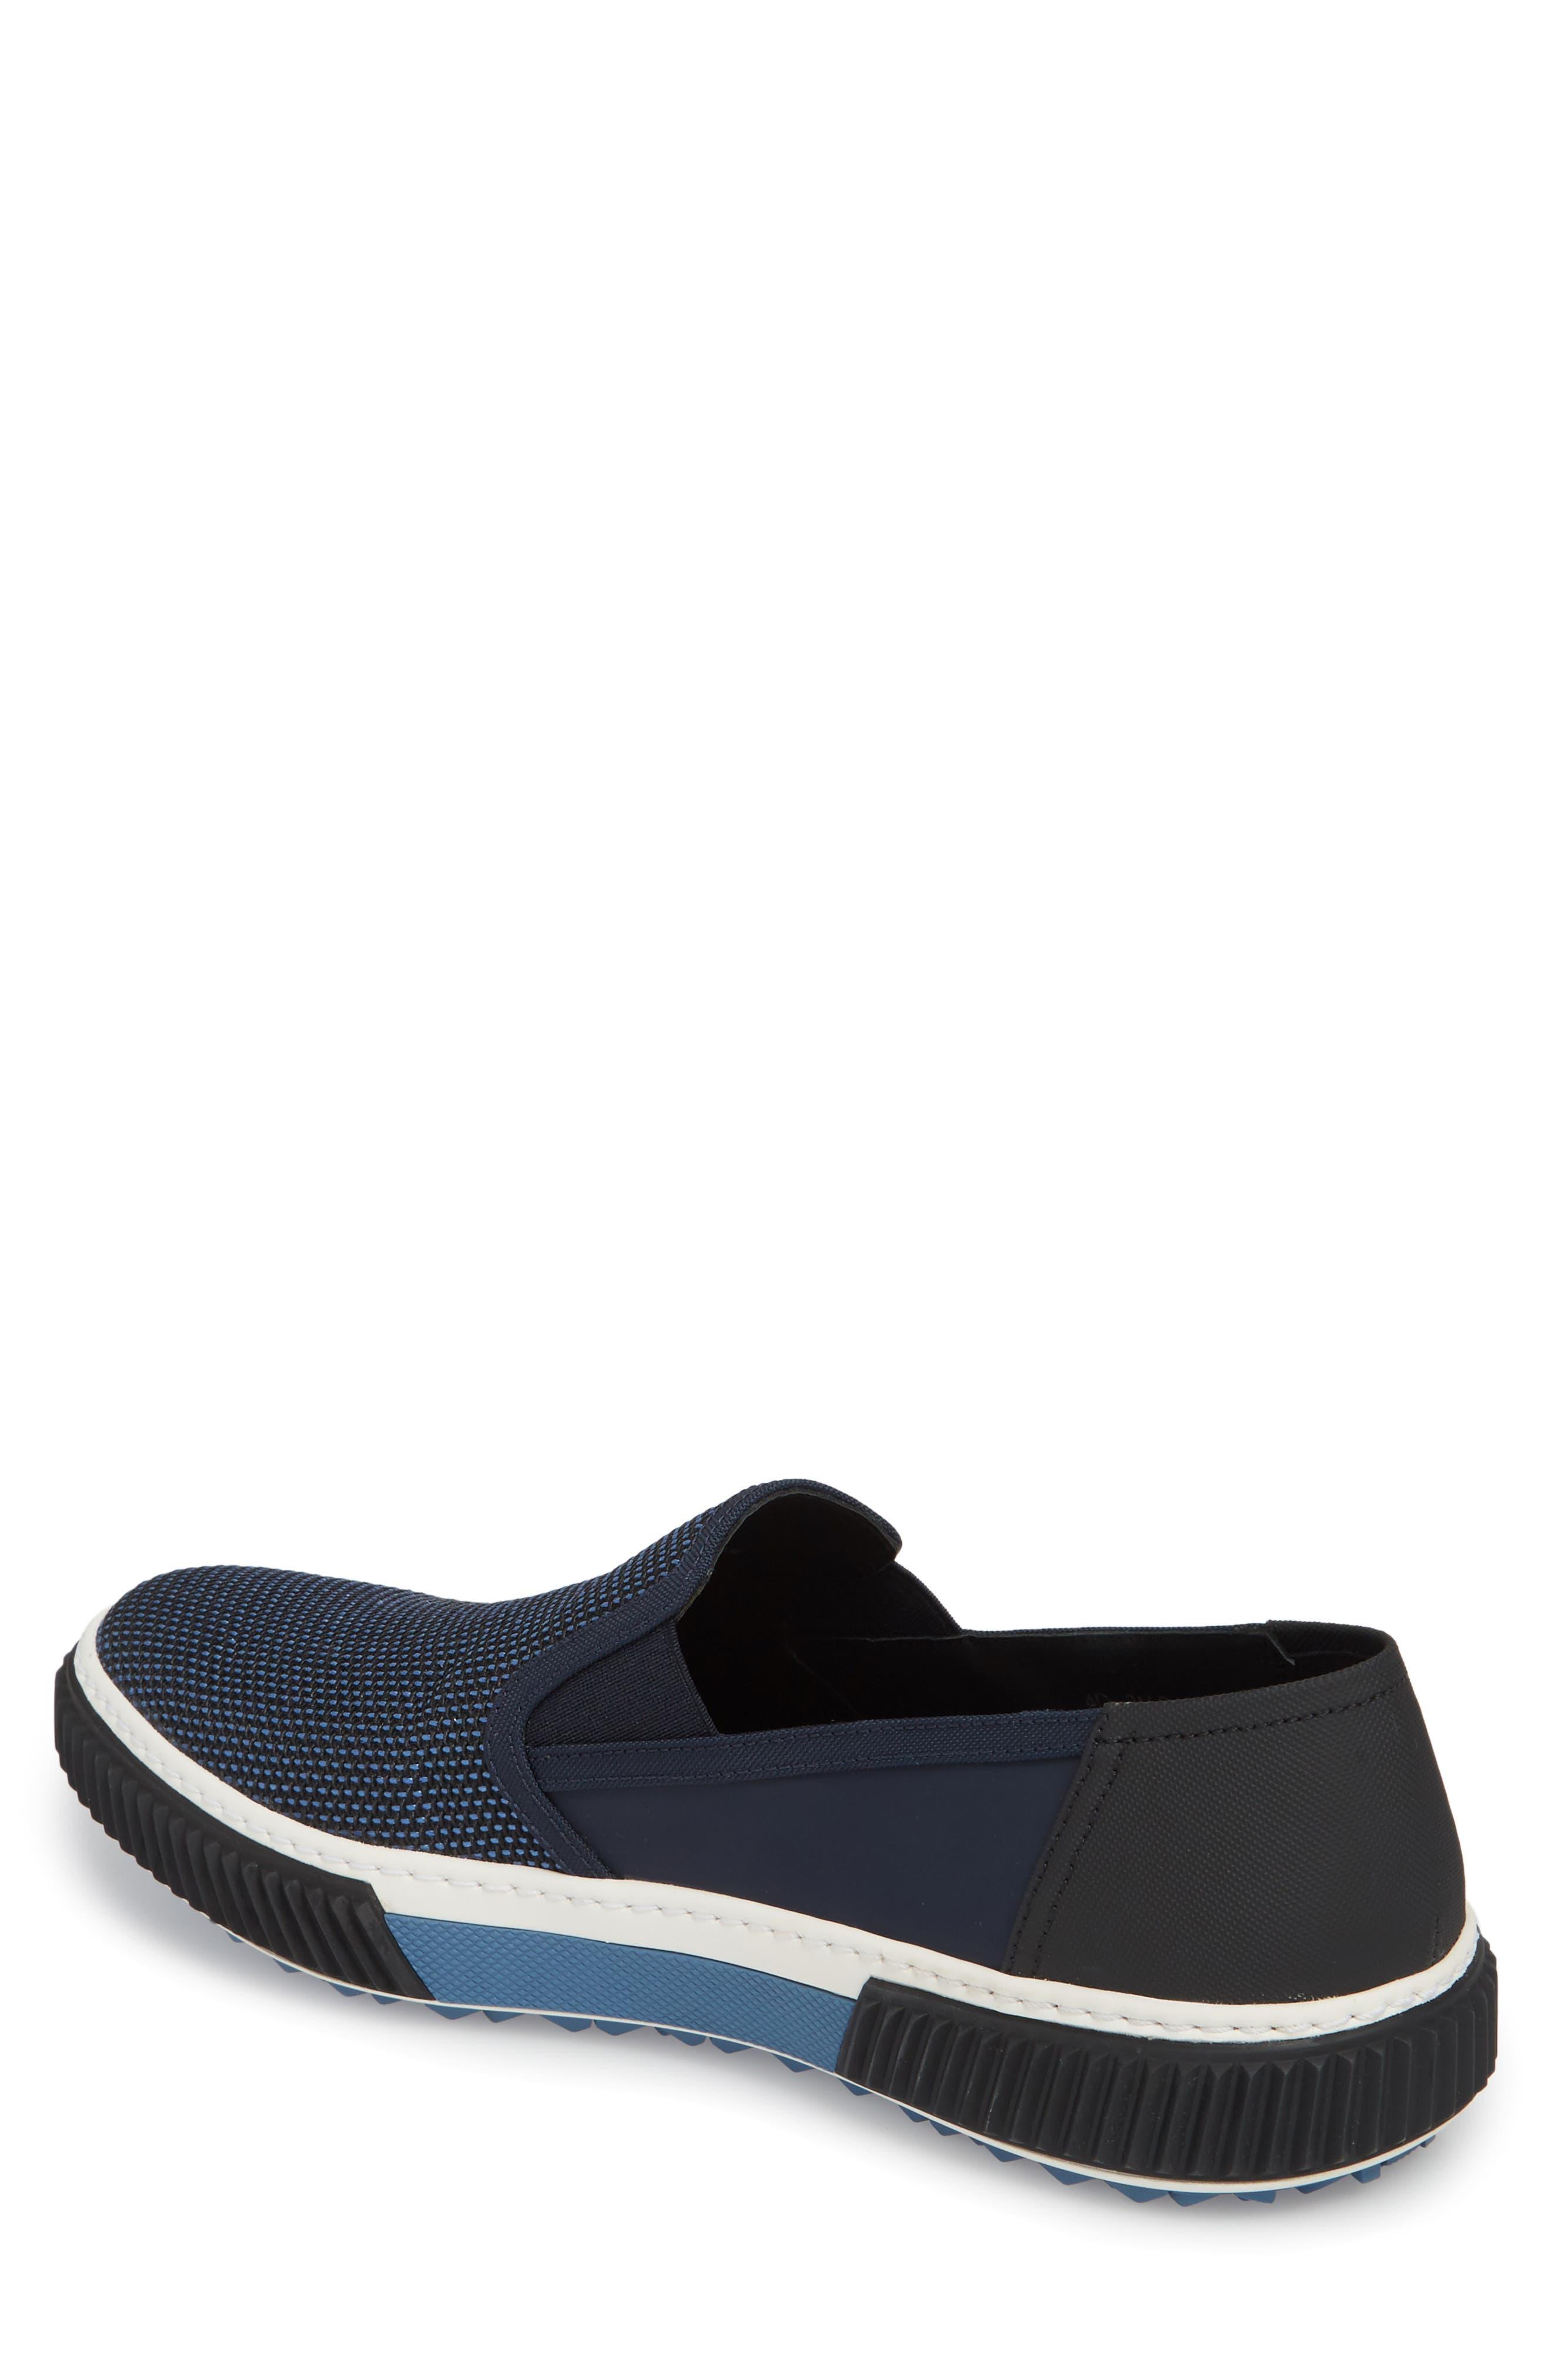 Linea Rossa Skate Slip-On,                             Alternate thumbnail 2, color,                             Baltic Blue